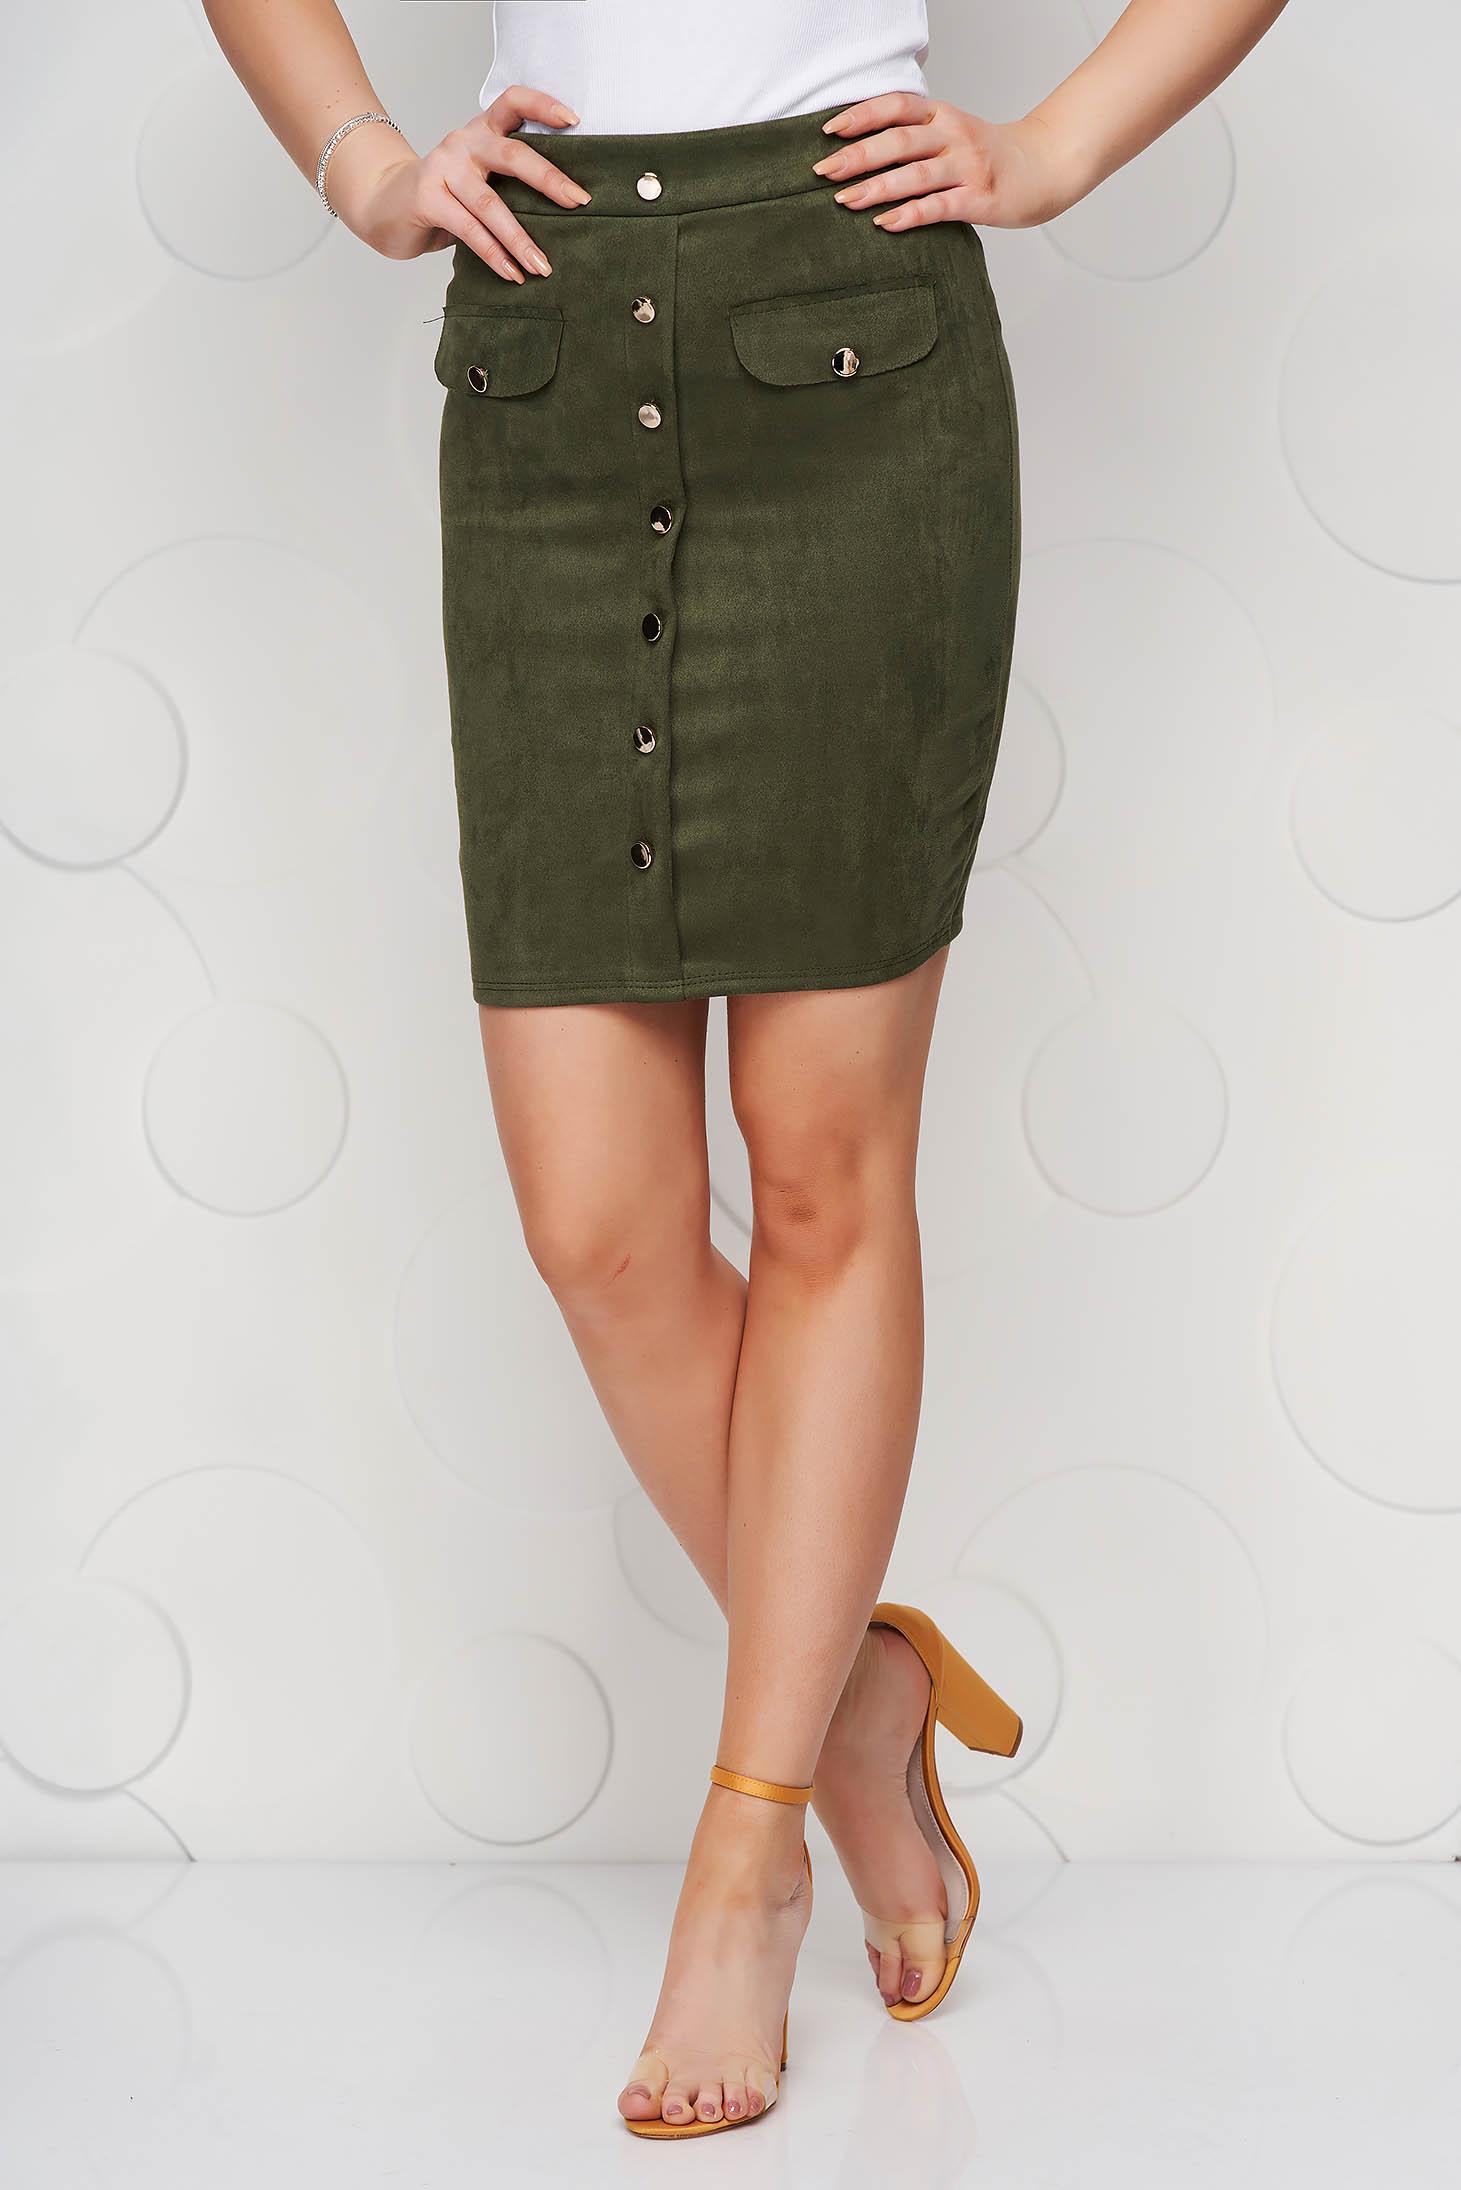 Darkgreen skirt casual short cut medium waist elastic waist with button accessories